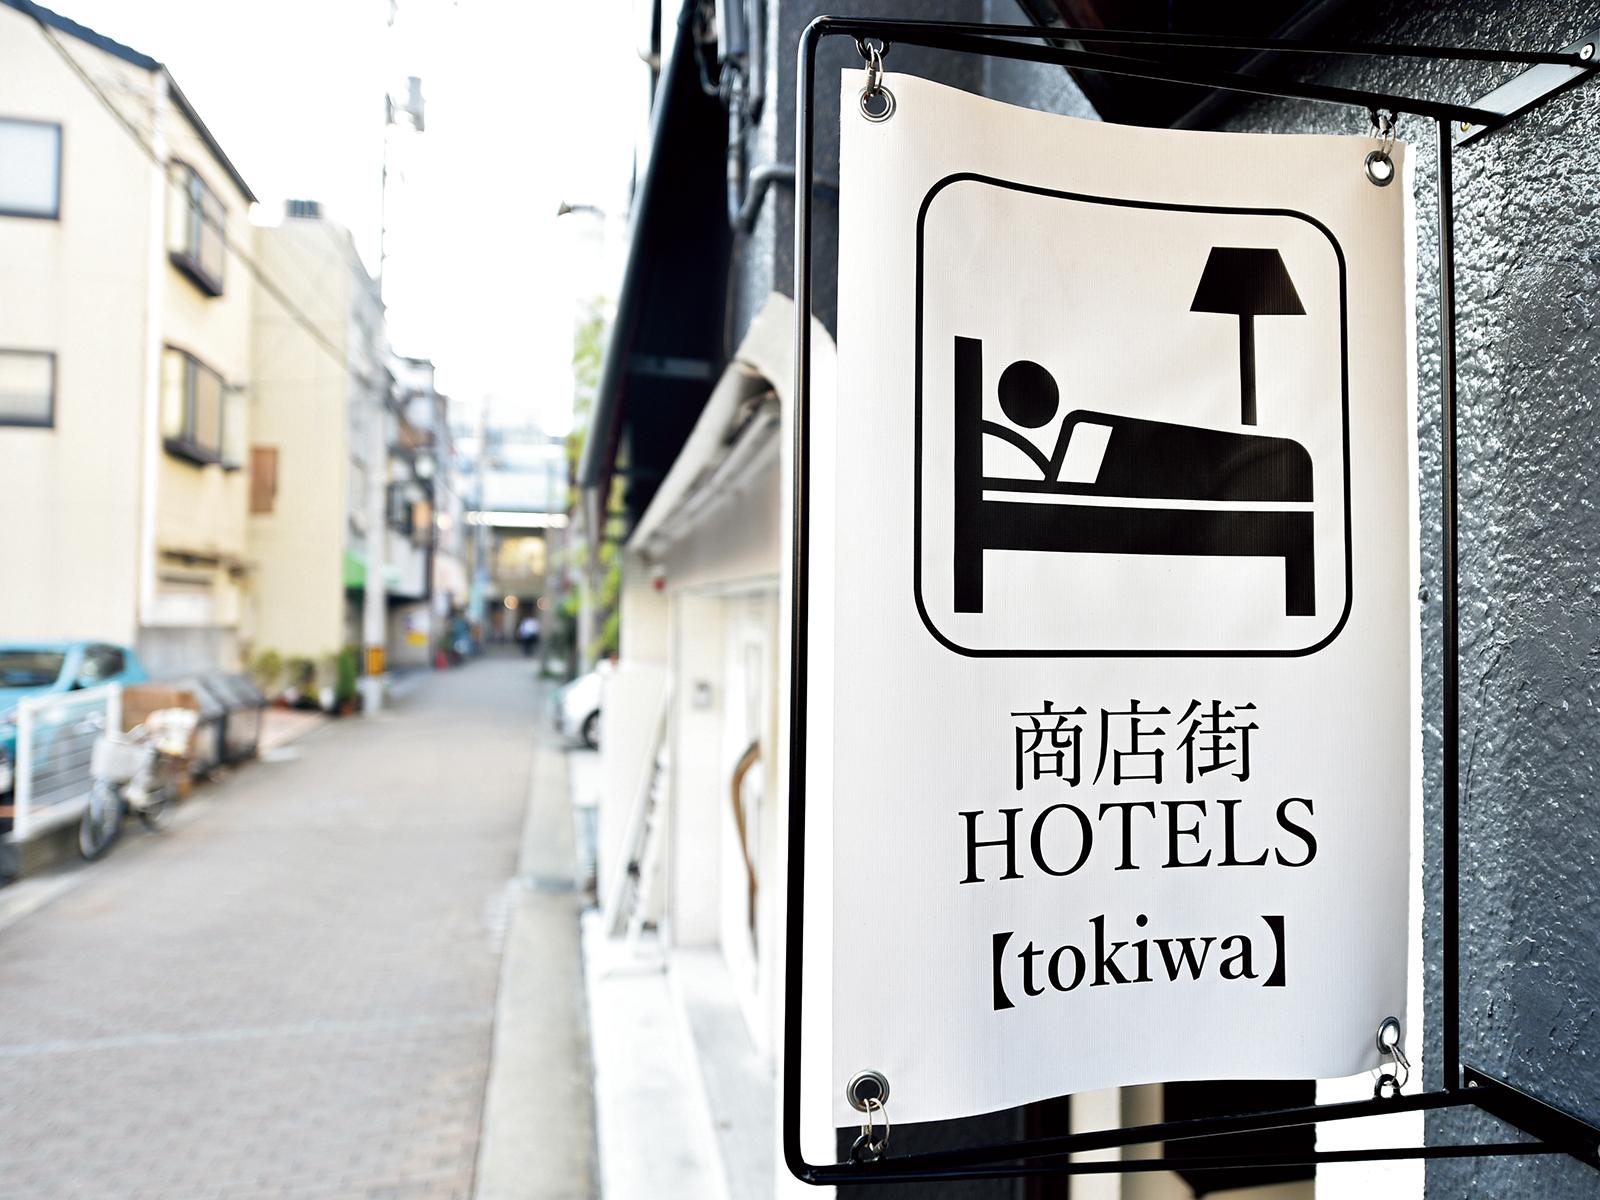 商店街の住人気分で泊まれる『商店街ホテルズ』。